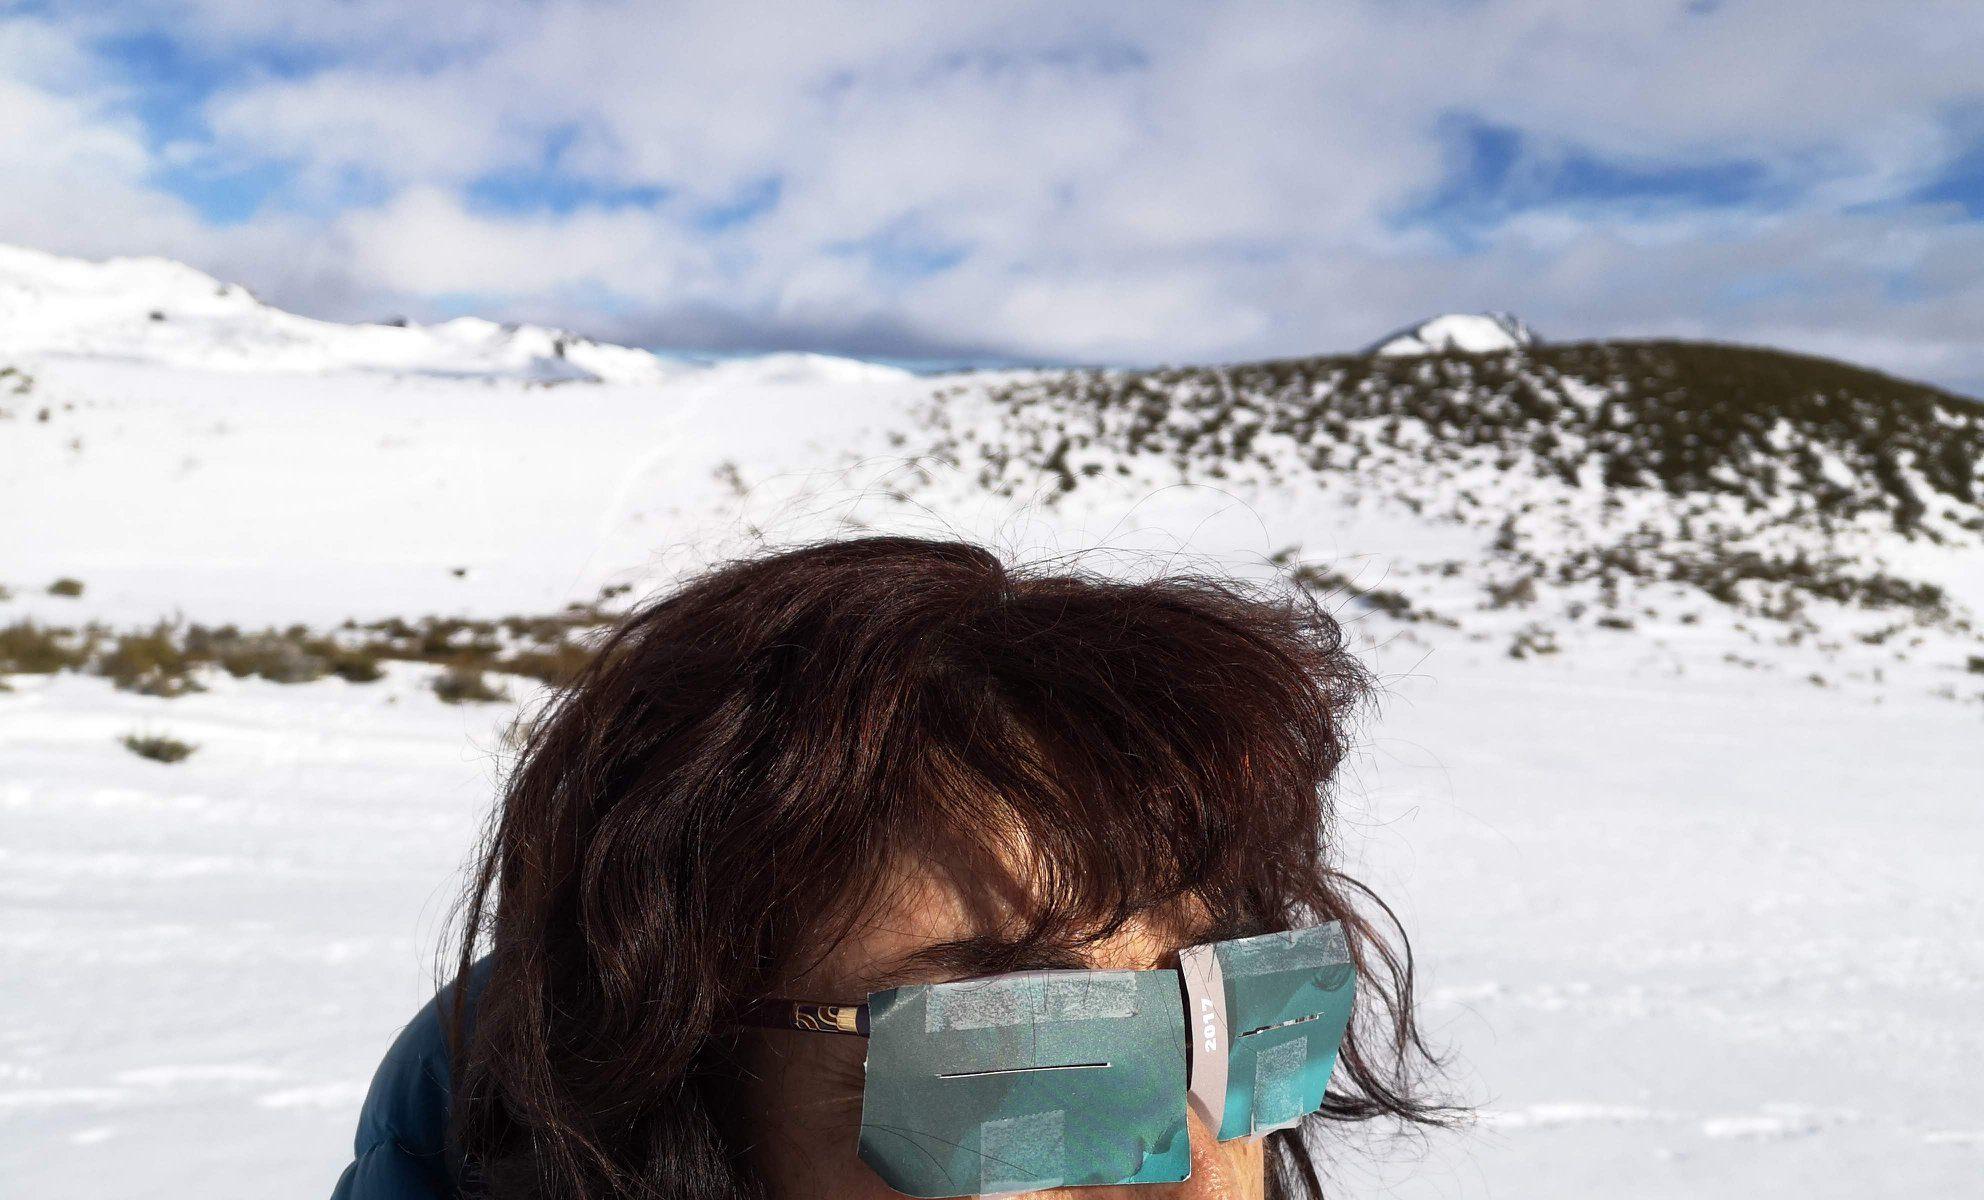 Gafas de emergencia - remedio esquimal